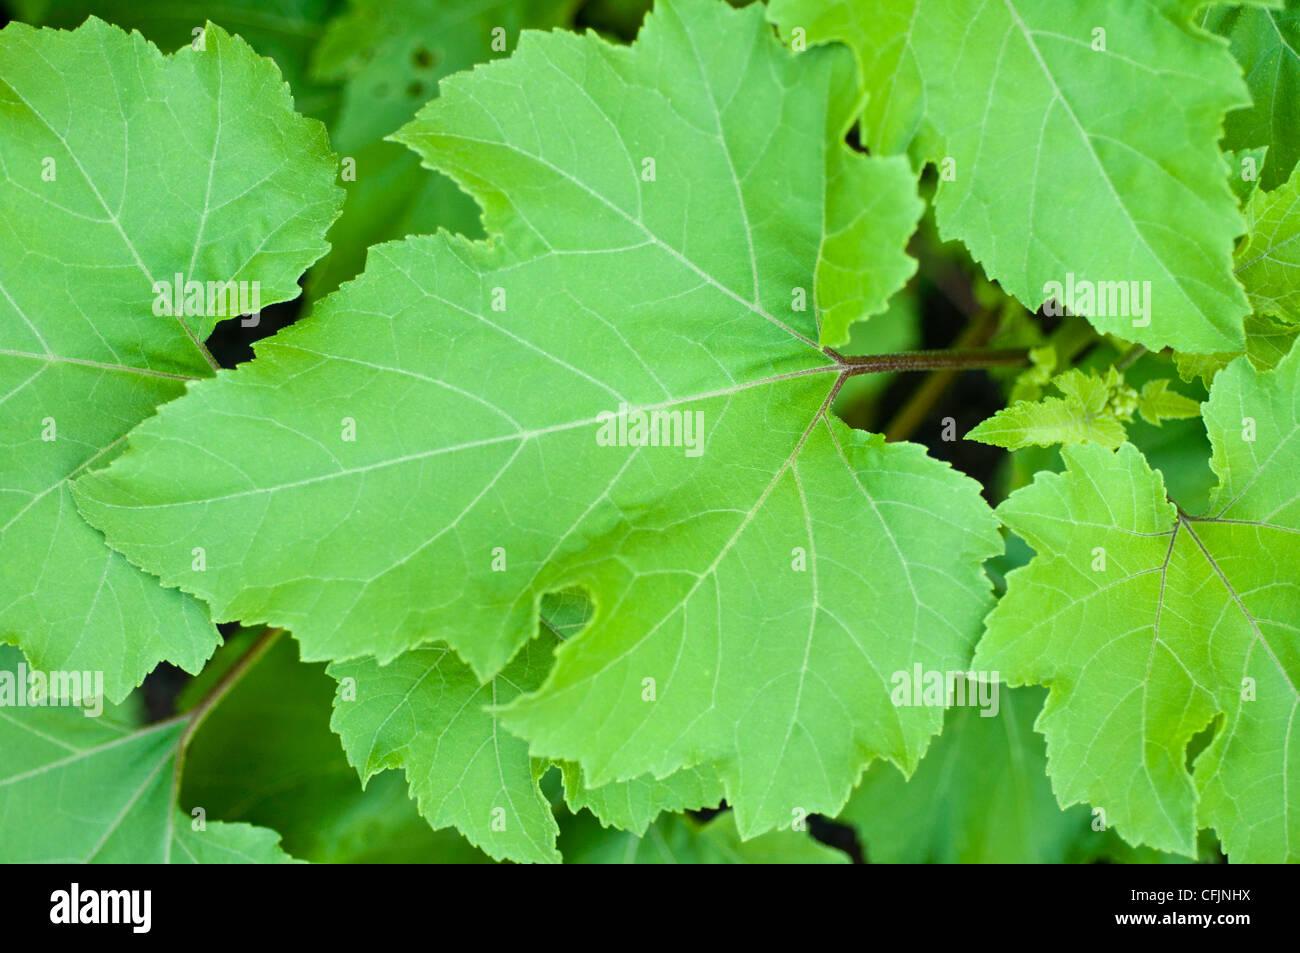 Leaves of toxic plant Cocklebur, Xanthium strumarium, - Stock Image